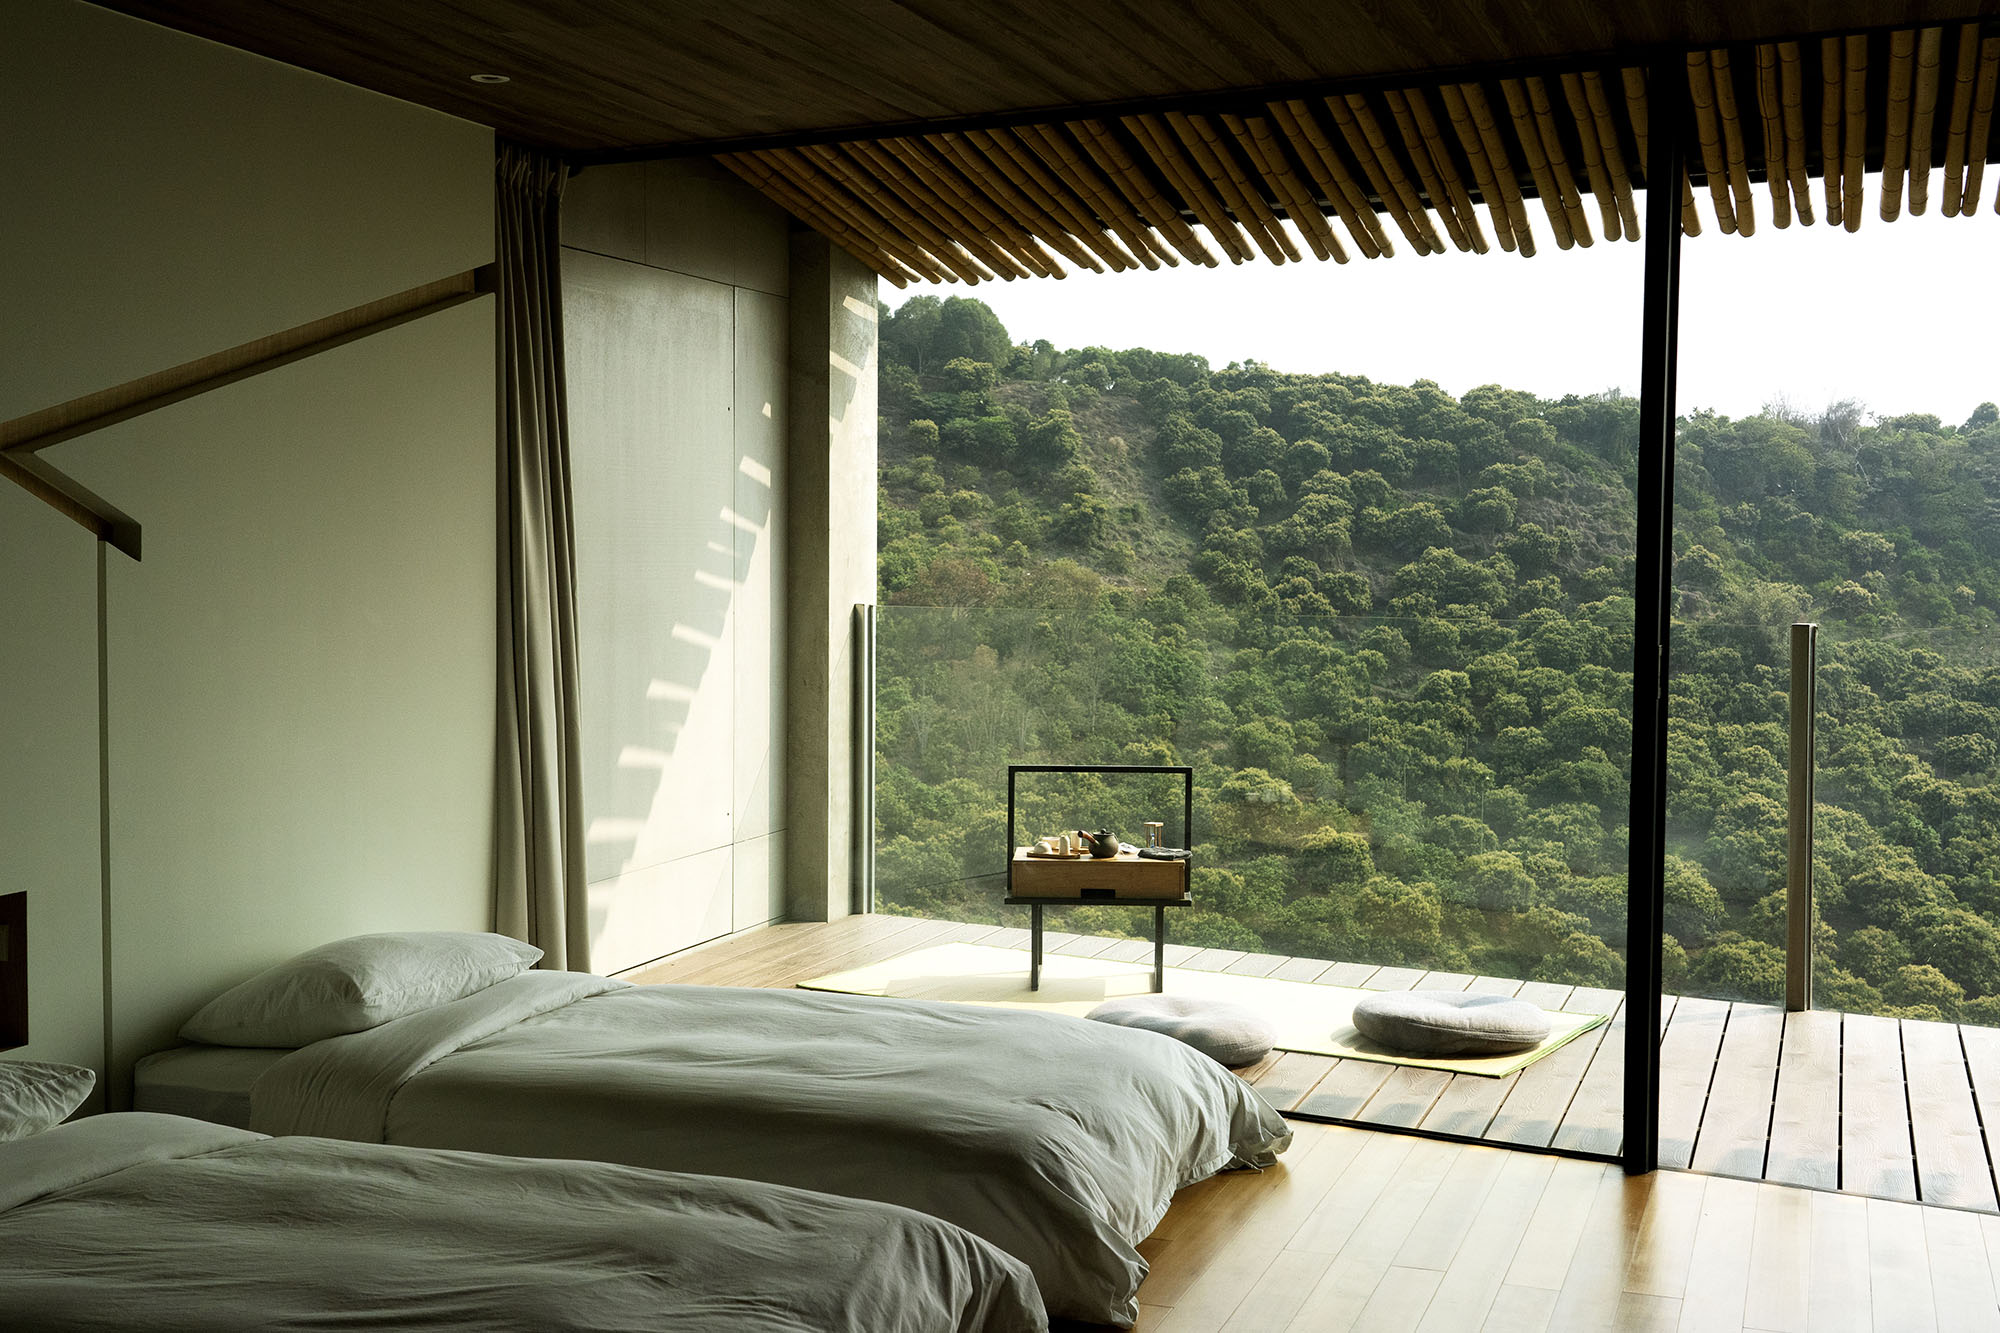 網站近期文章:台南民宿  仙湖農場|山中住一晚,有與天空好近的山林遼闊,